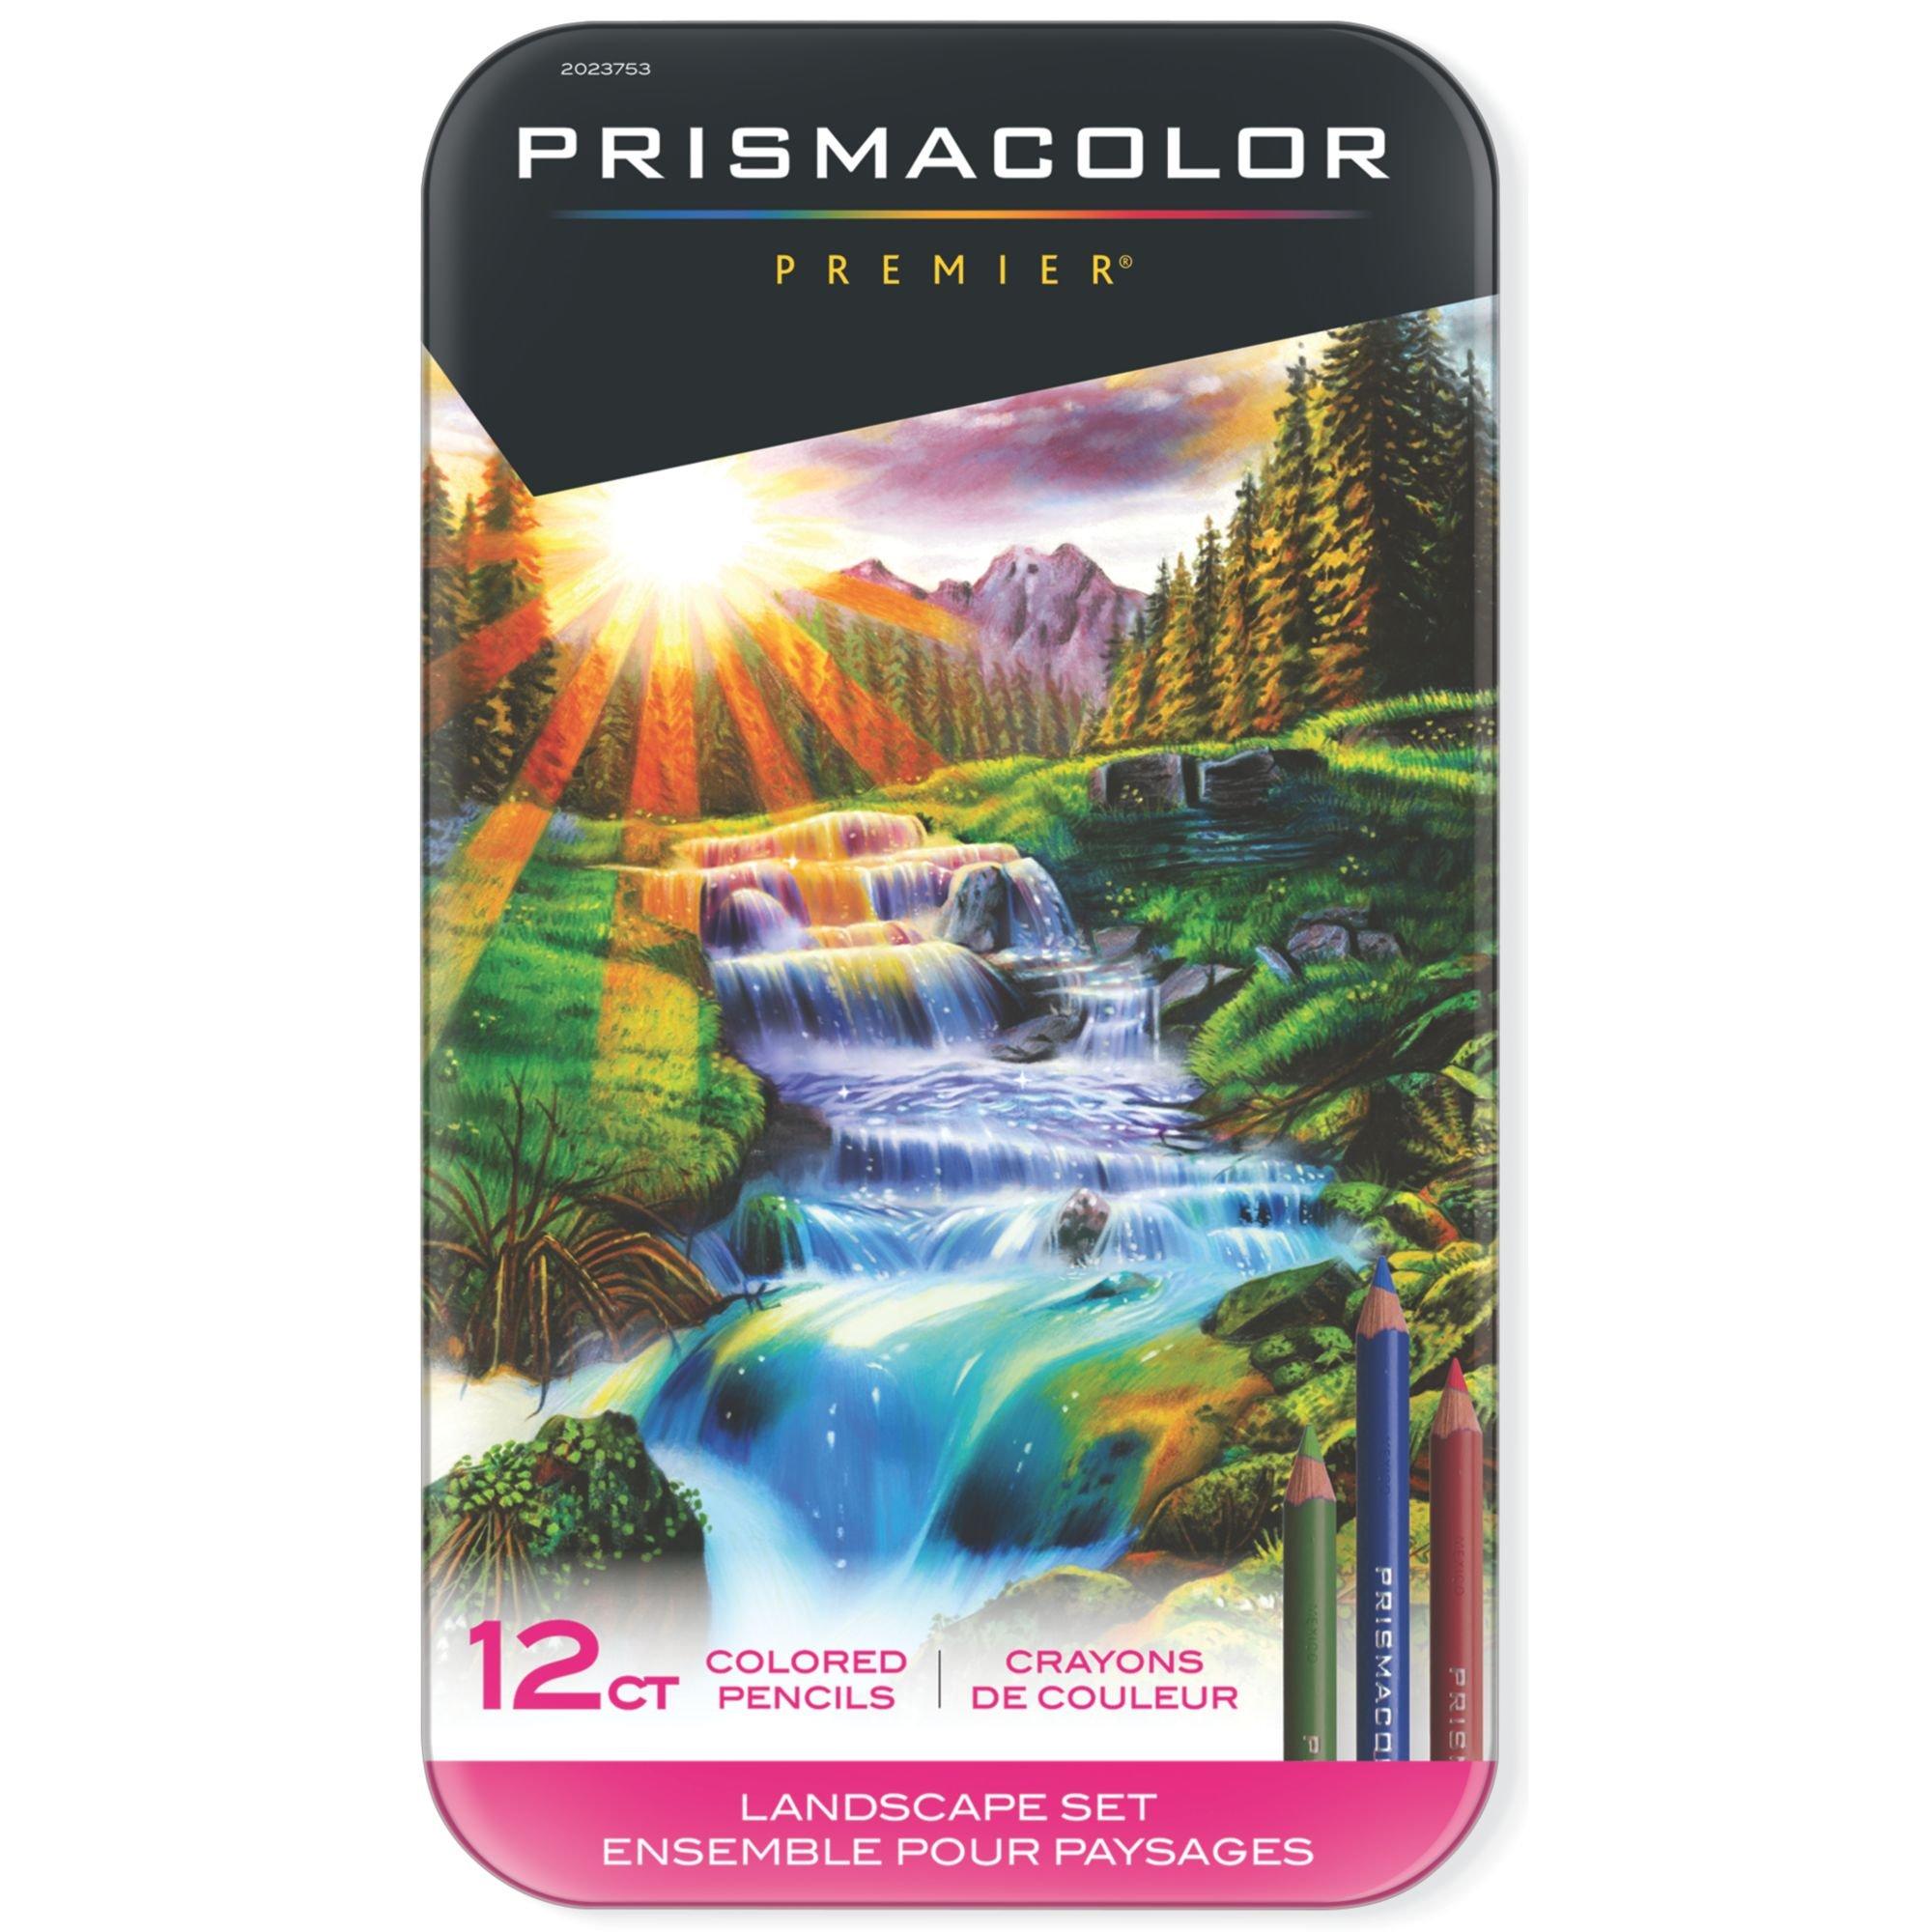 Prismacolor Premier Colored Pencils, Soft Core, Landscape Set, 12 Count by PRISMACOLOR